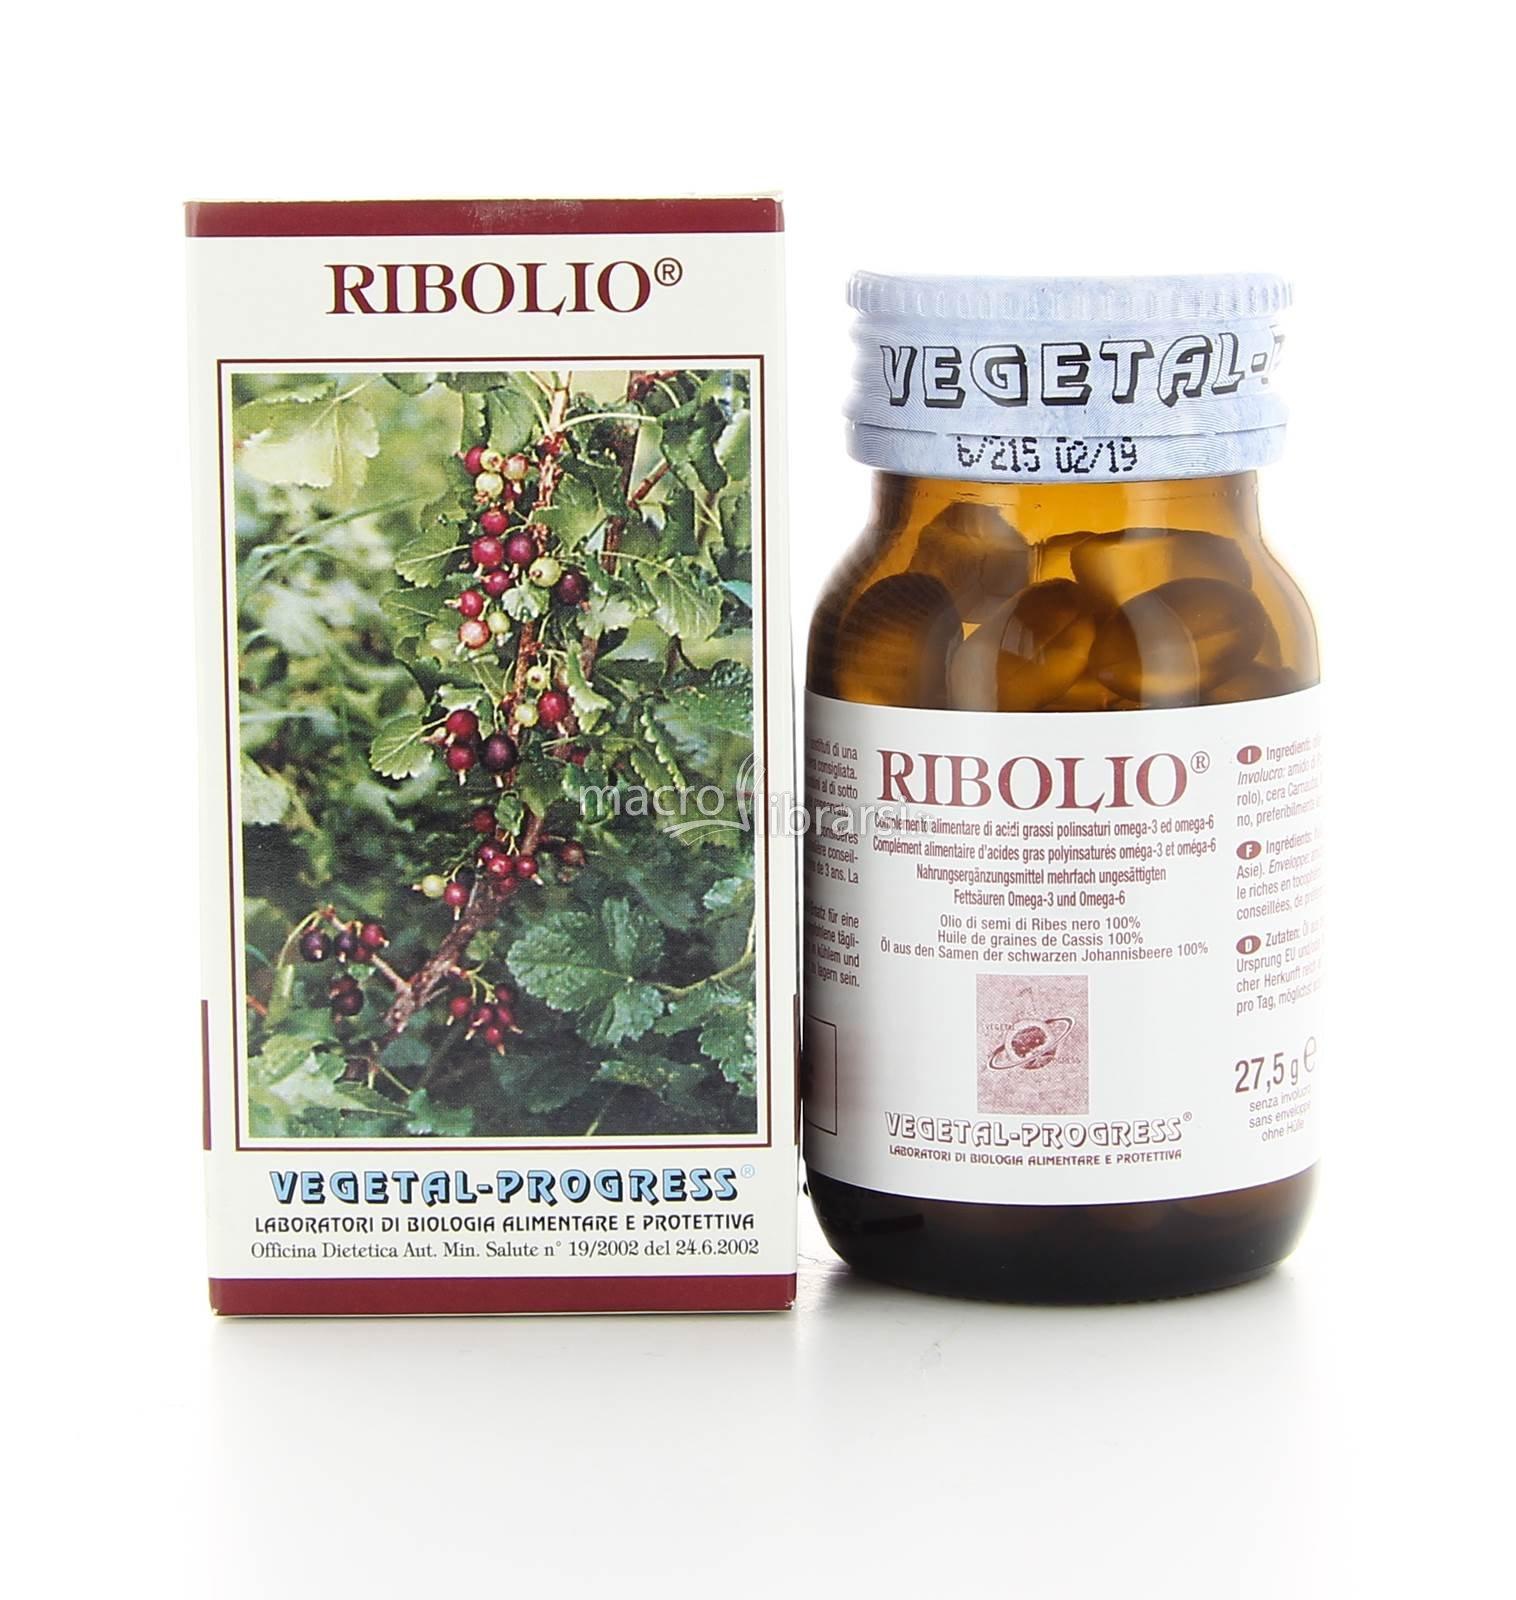 Centro Zohar - Ribolio - Capsule Vegetali ingredienti